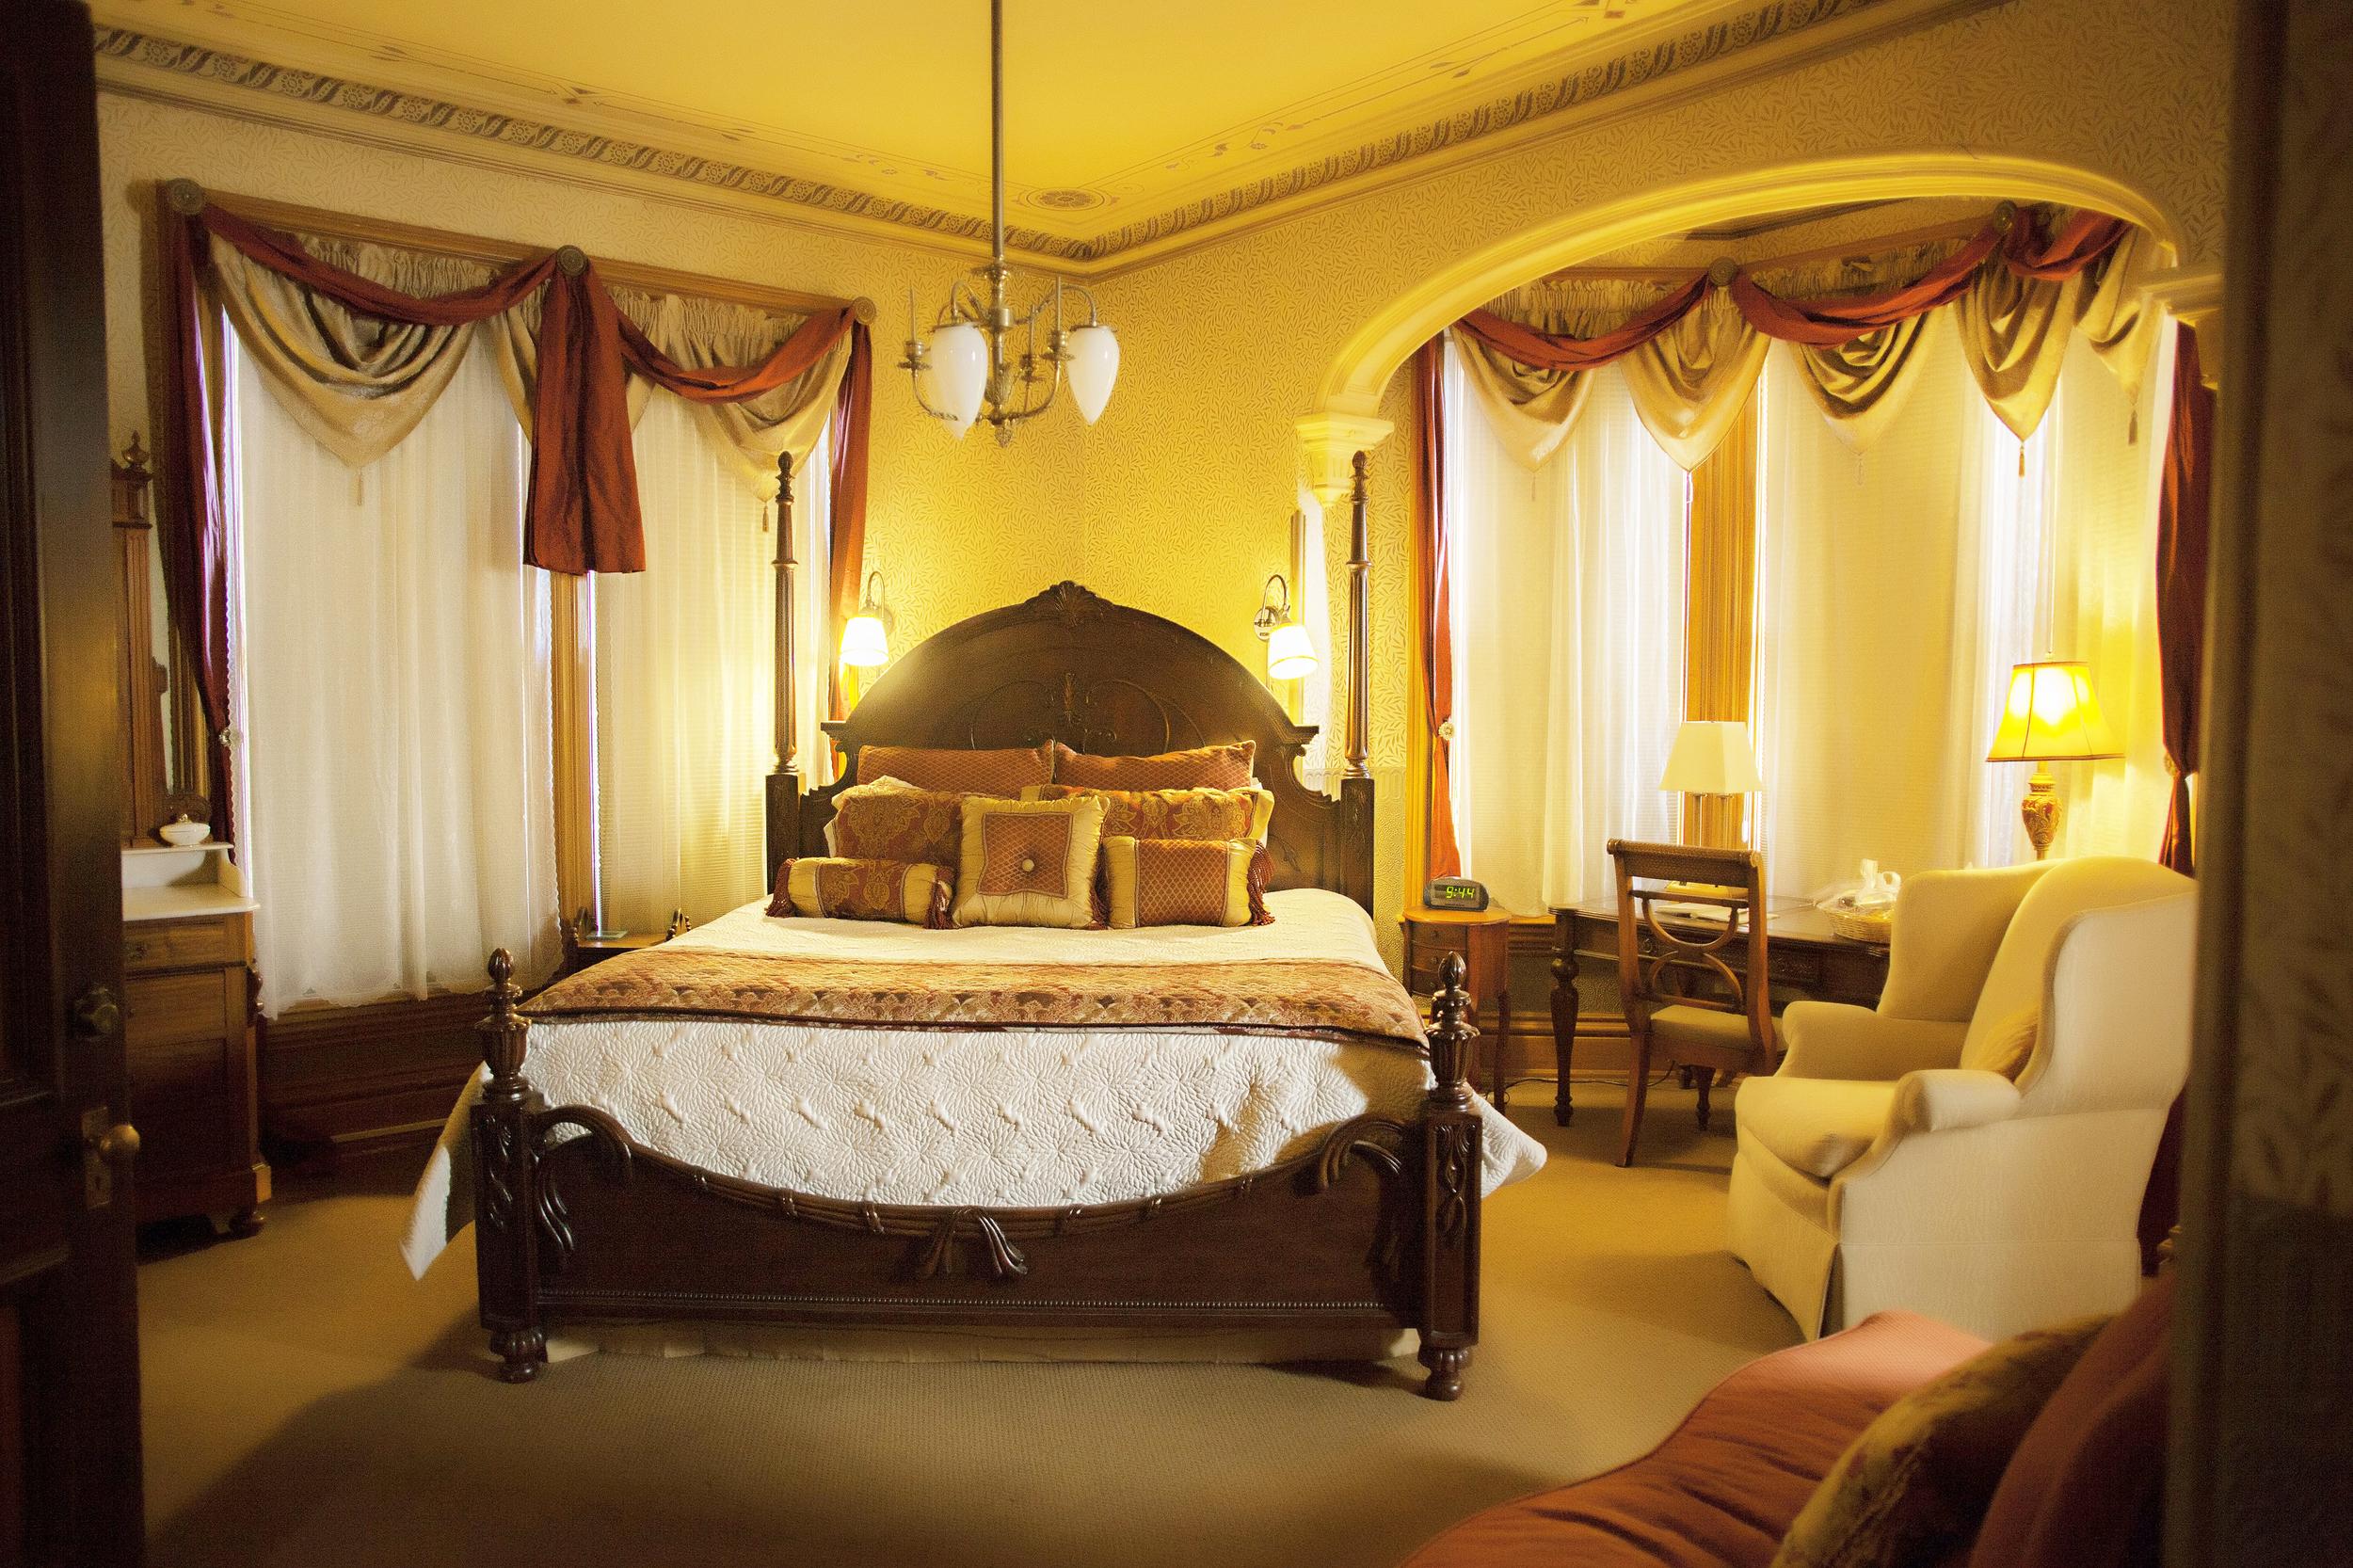 017-Bedroom-963525-print.jpg